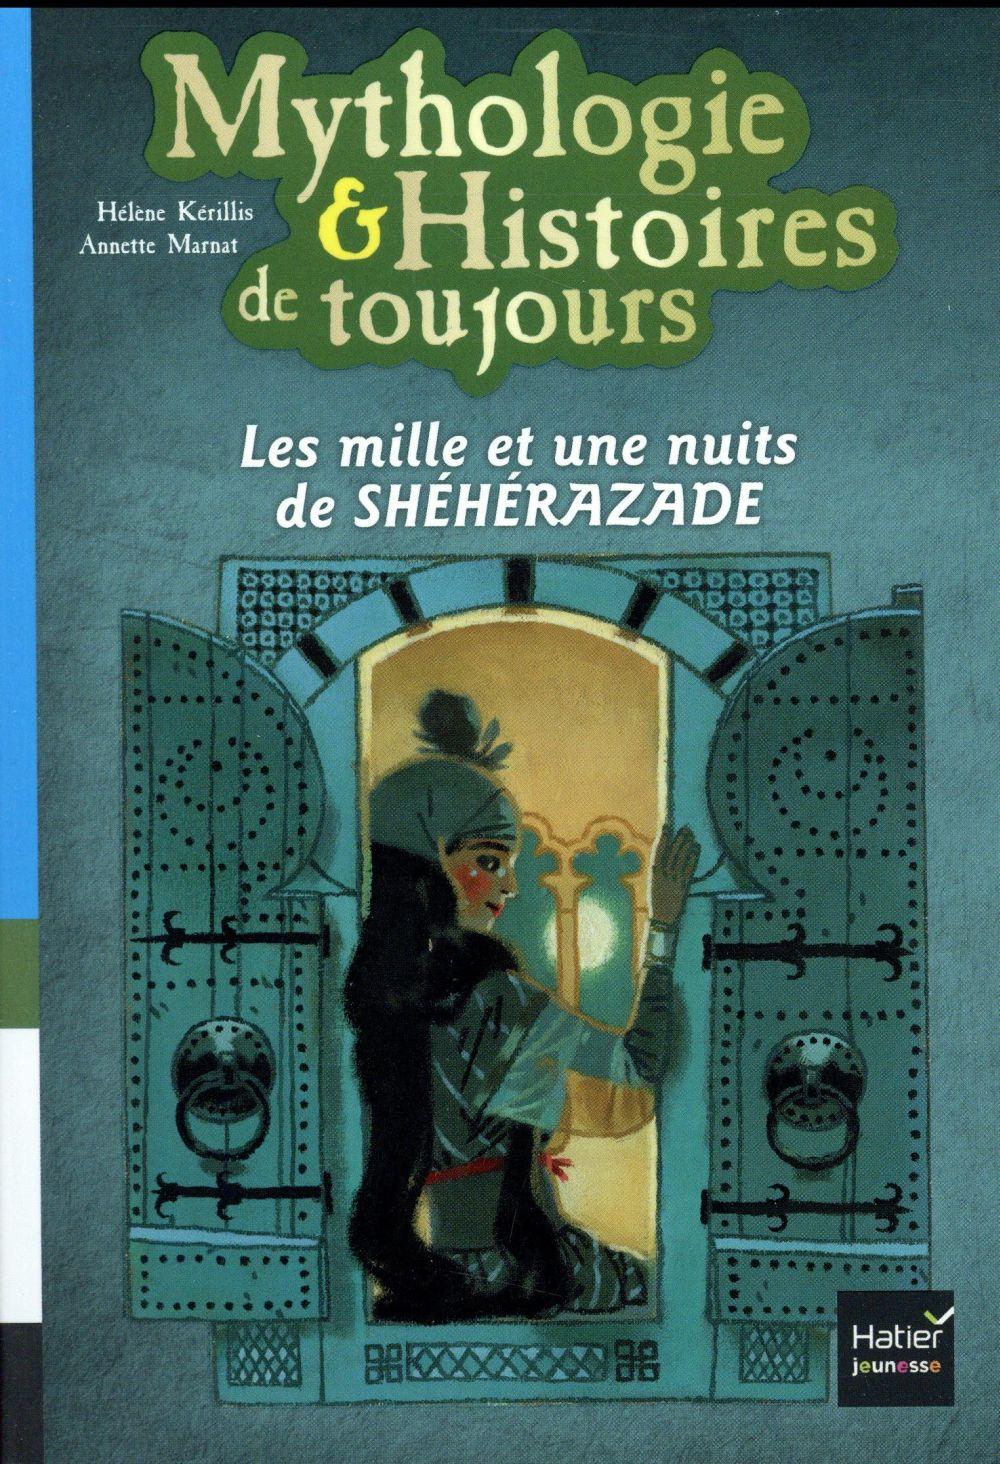 MYTHOLOGIE et HISTOIRES DE TOUJOURS  -  LES MILLE ET UNE NUITS DE SHEHERAZADE